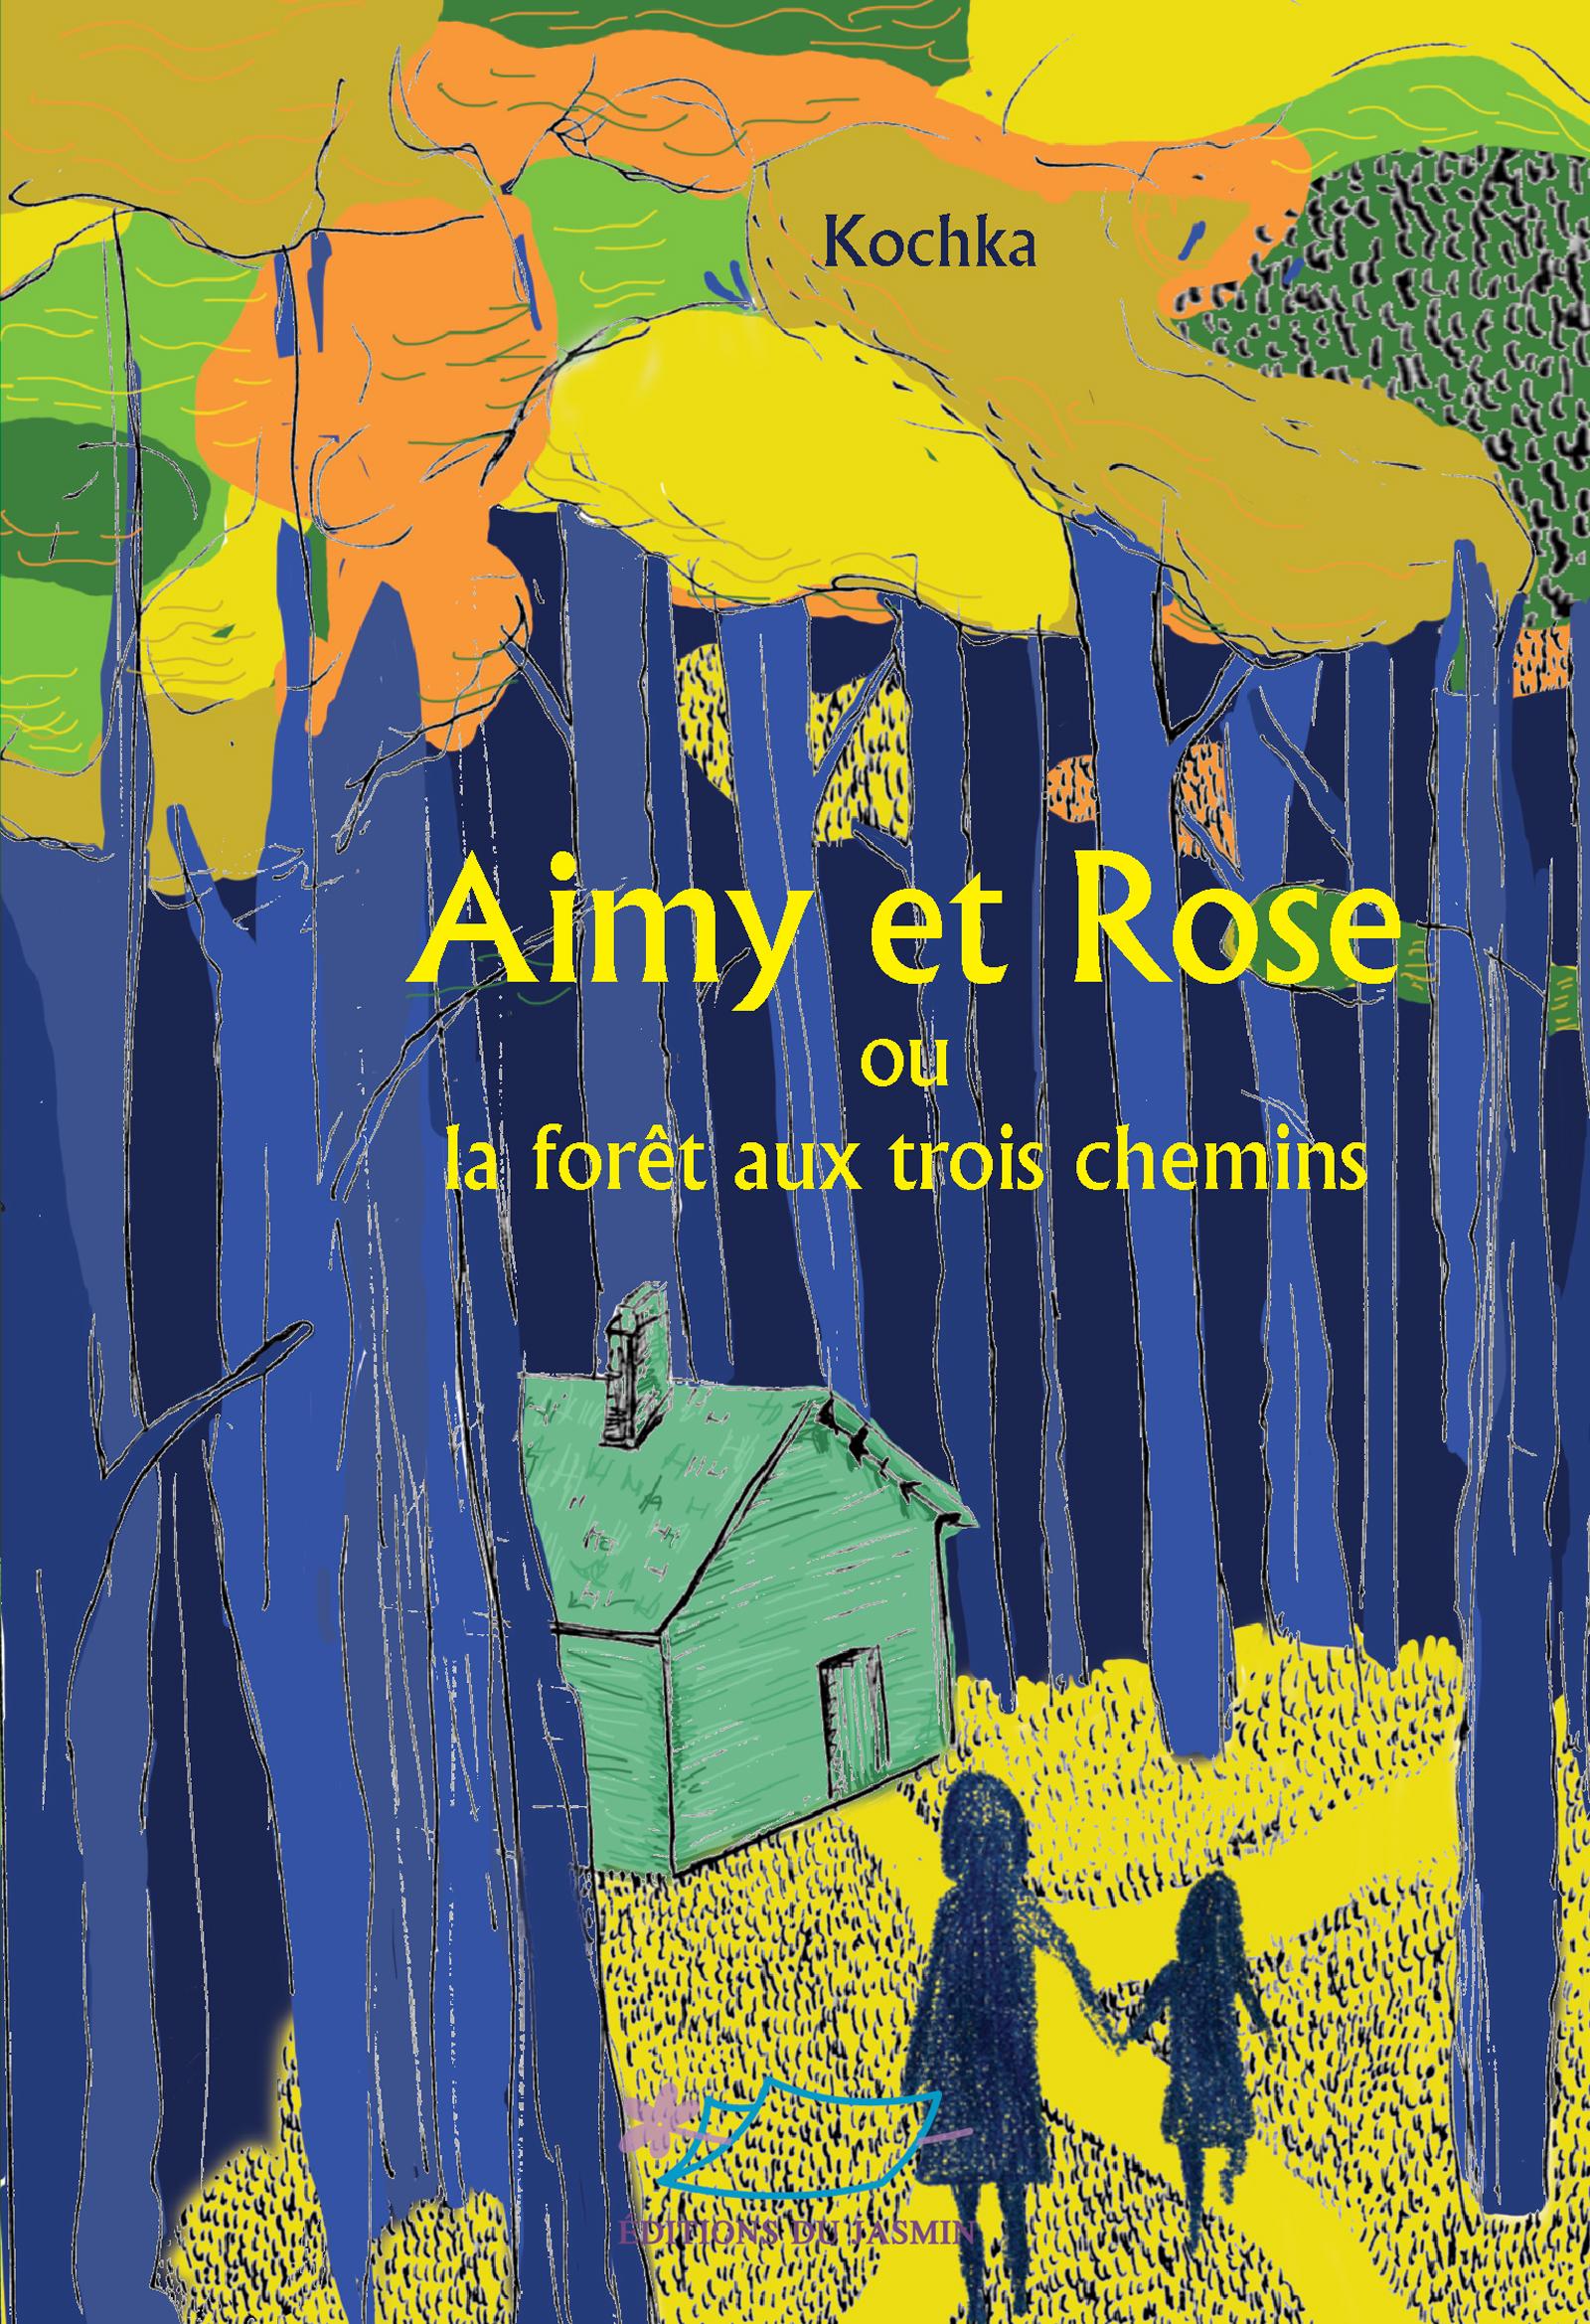 Aimy et Rose